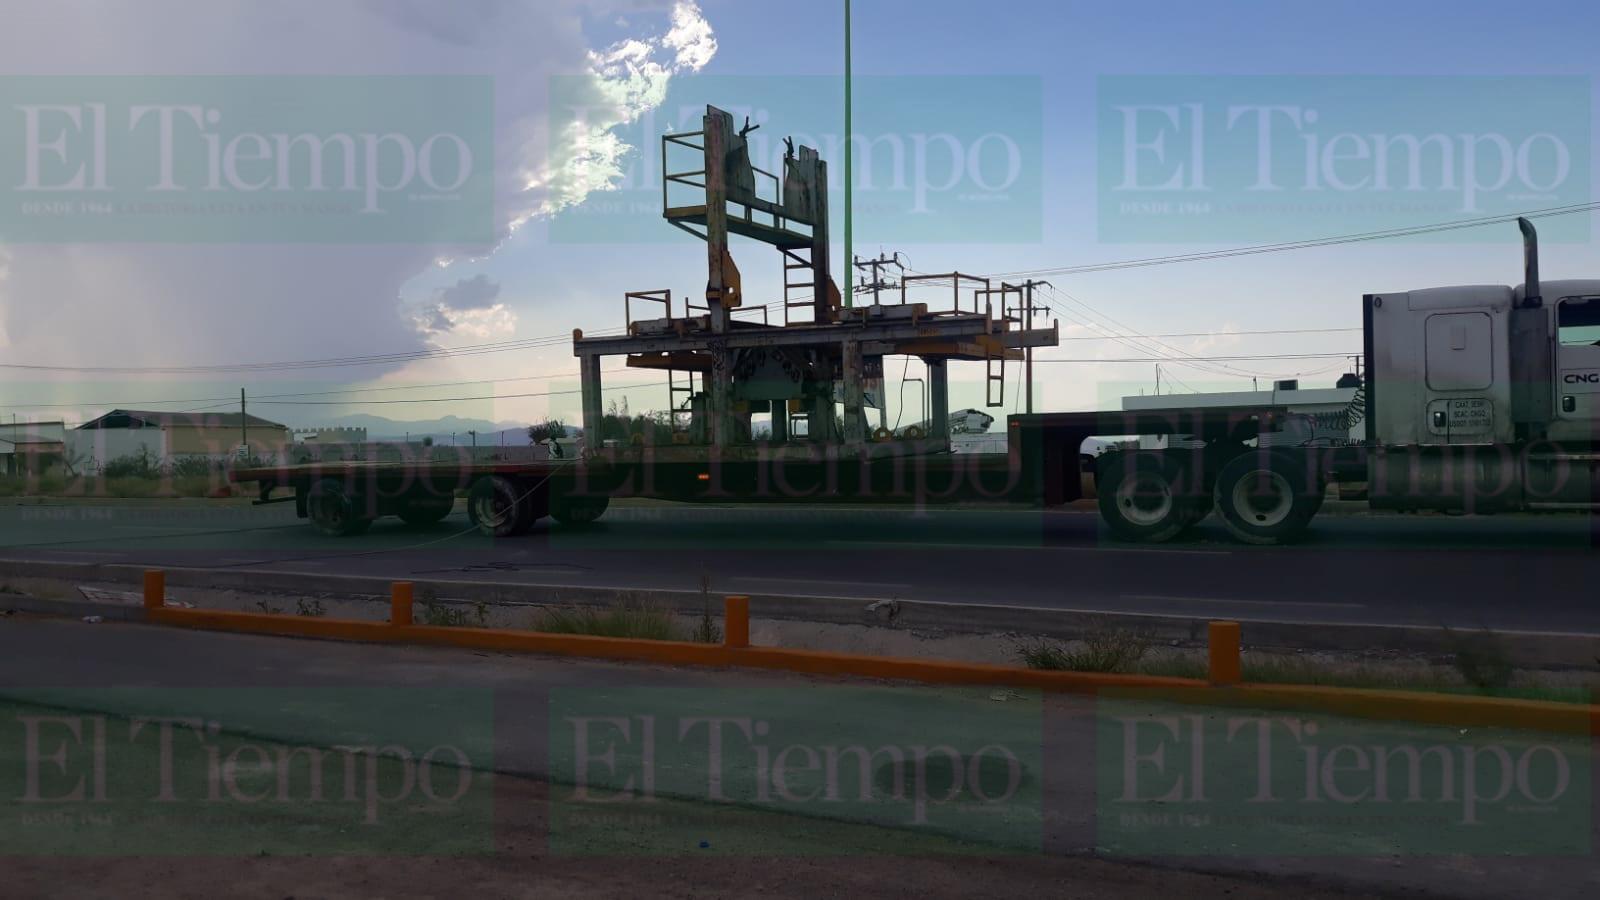 Tráiler de exceso en dimensiones derriba cables de alto voltaje en Frontera